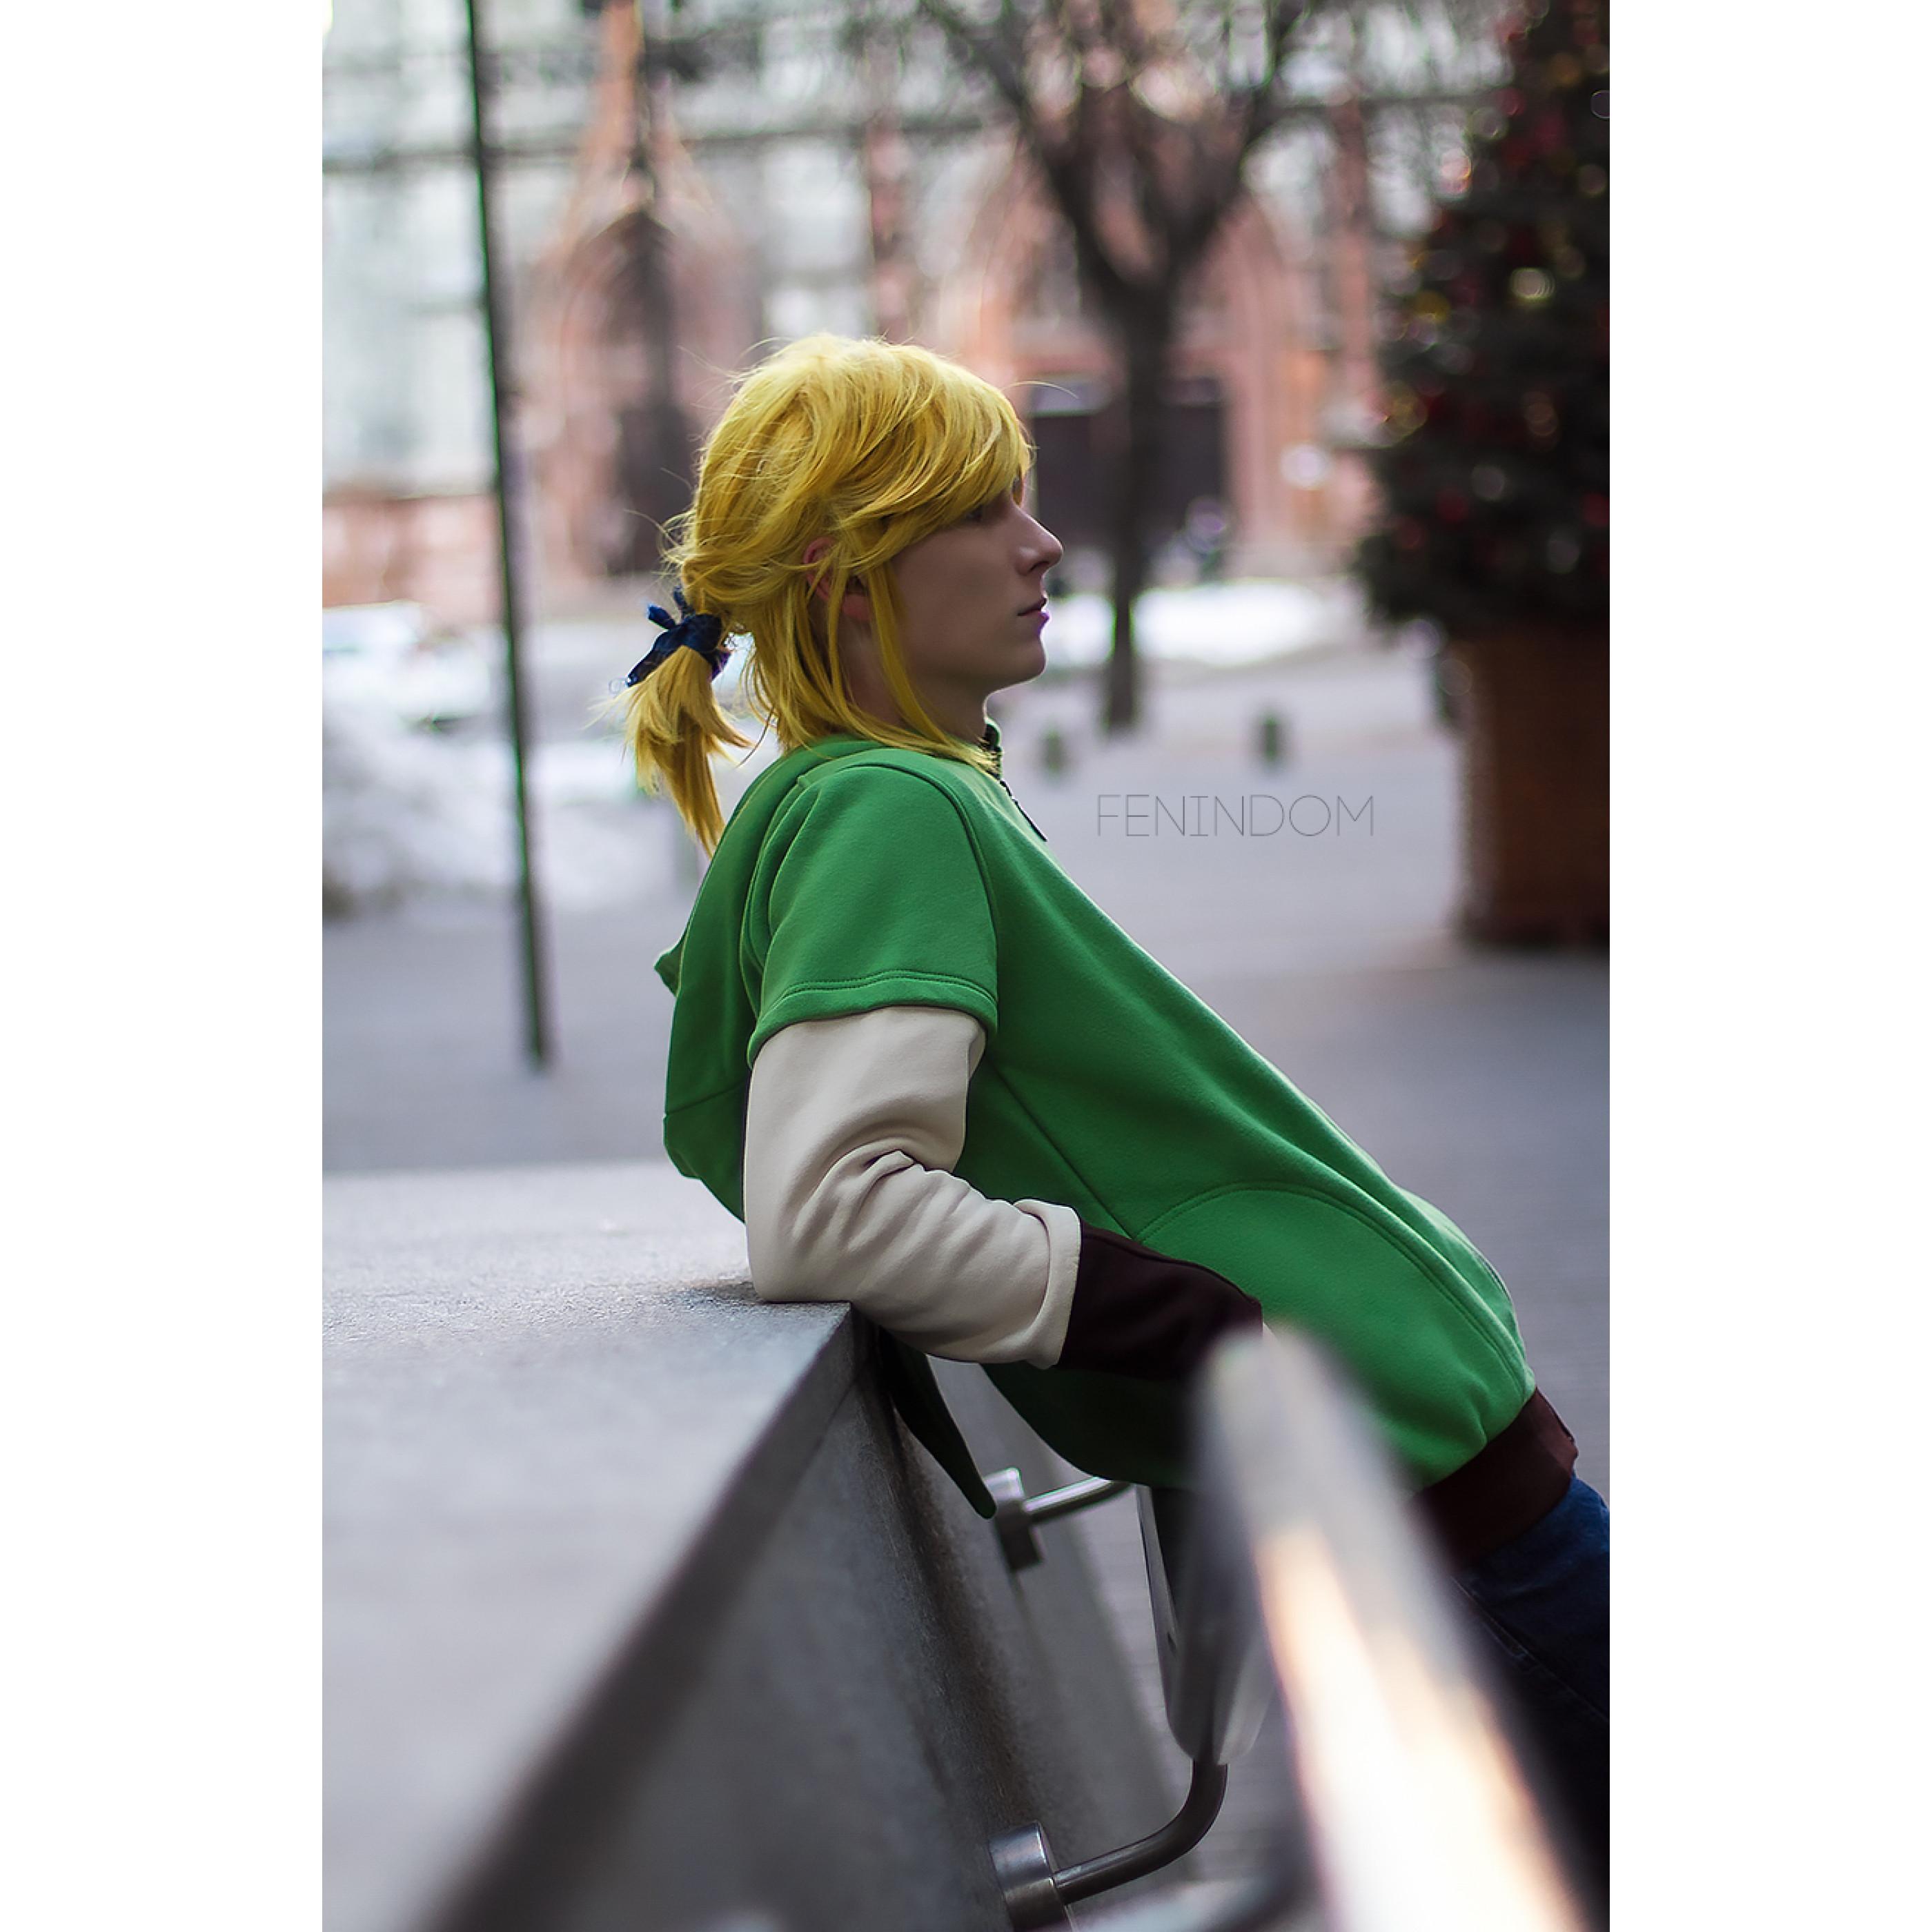 FENINDOM Legend of Zelda - Link Hoodie